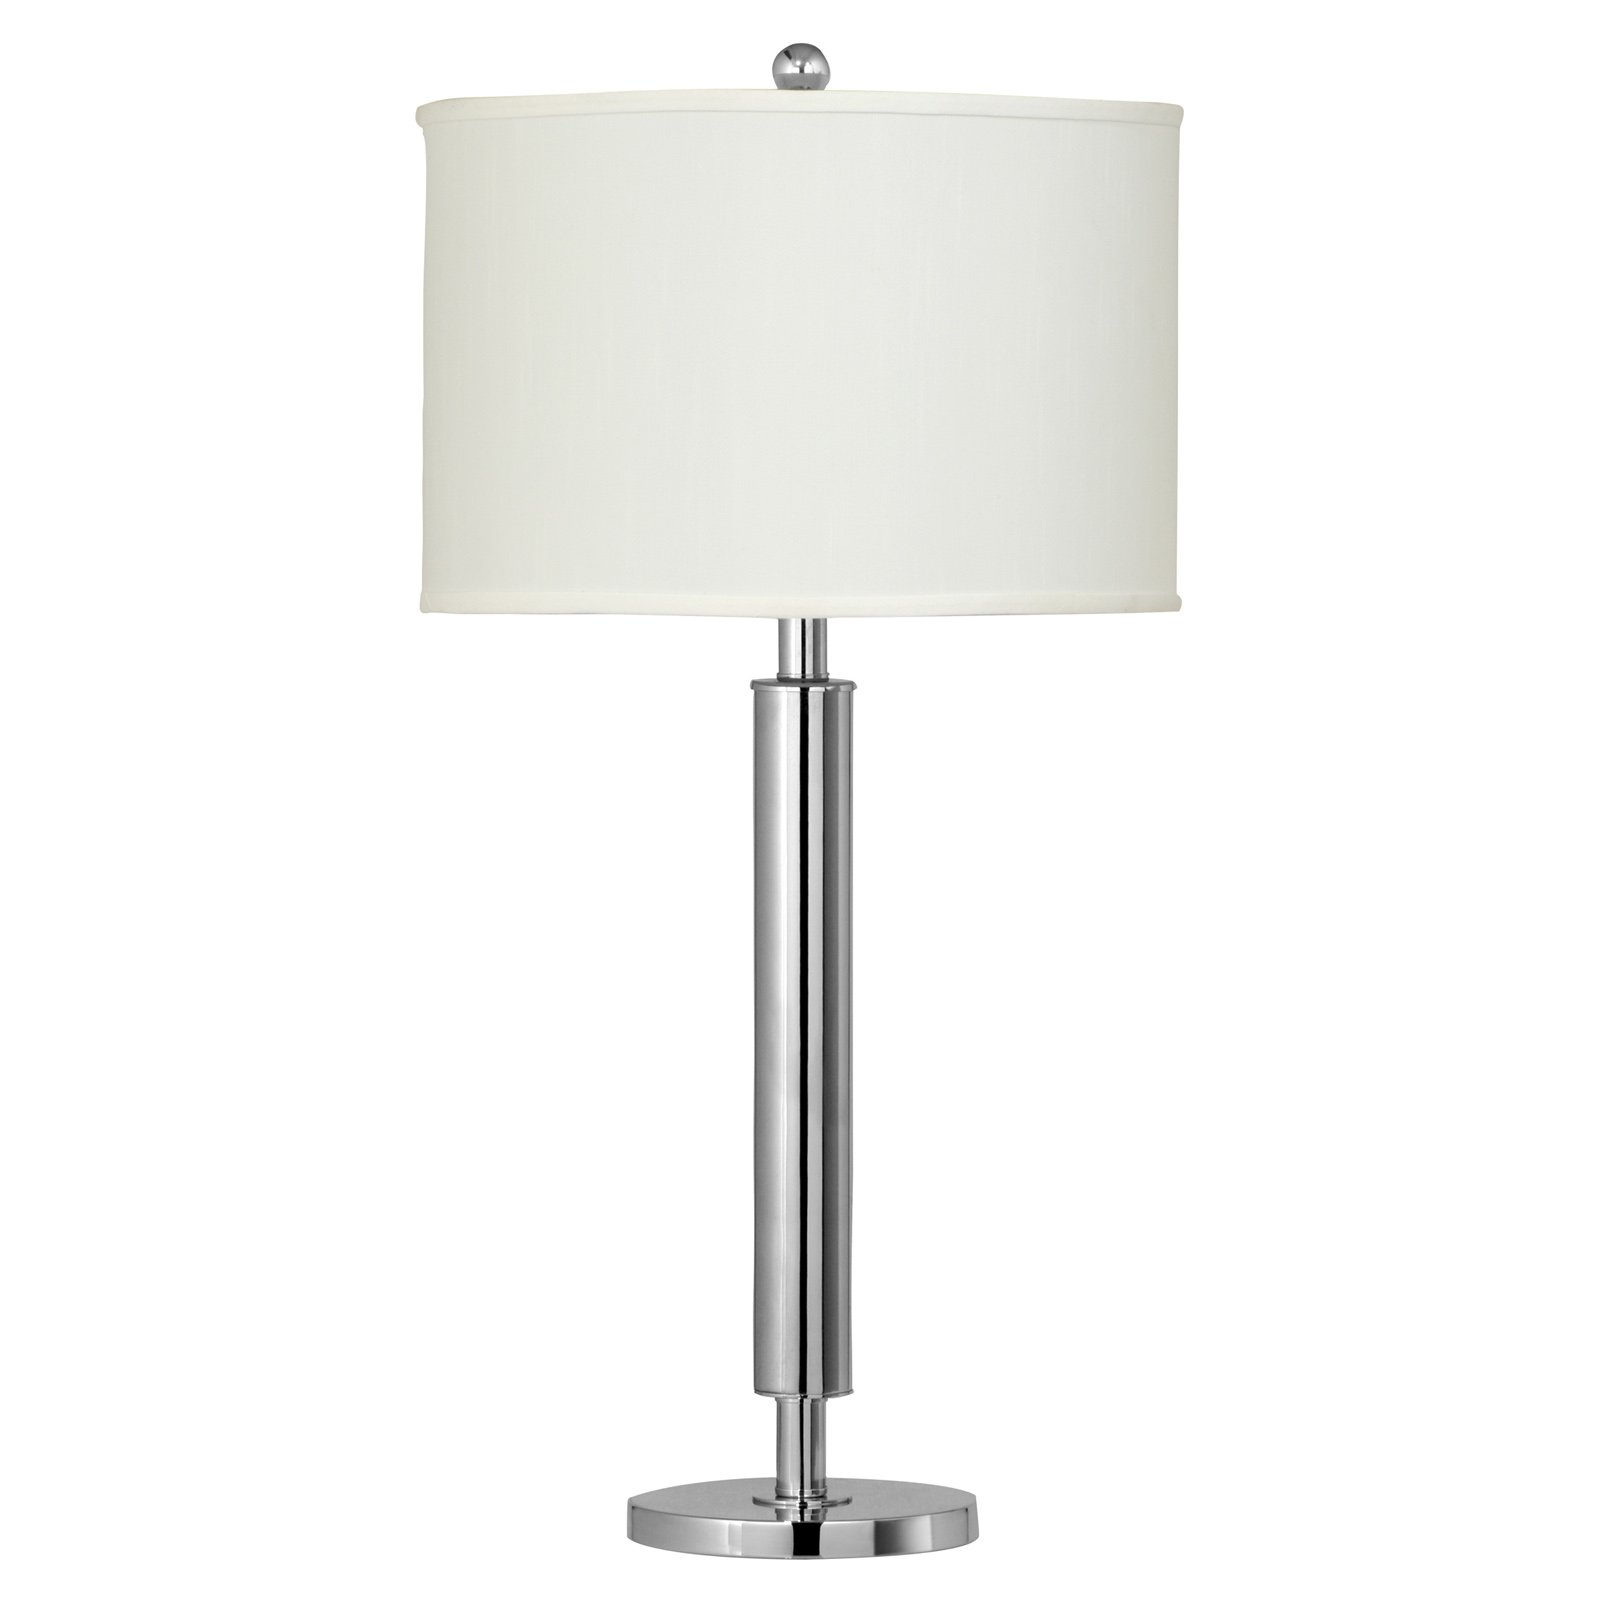 Cal Lighting BO-2004TB Neoteric Metal Table Lamp by CAL Lighting